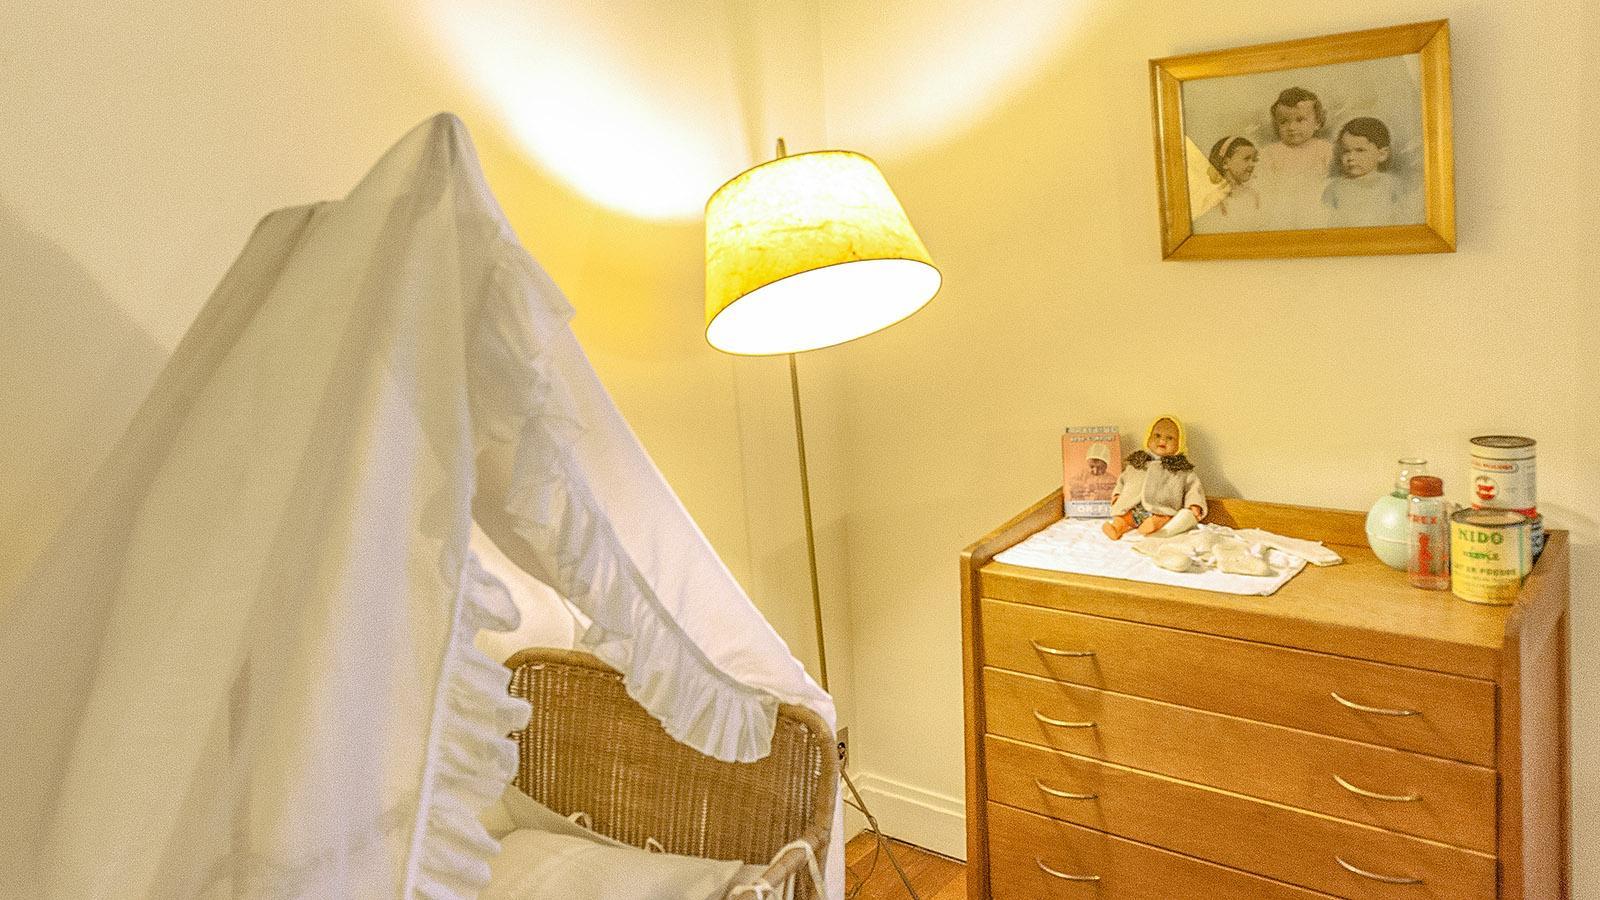 Appartement Témoin: die Wiege im Schlafzimmer. Foto: Hilke Maunder